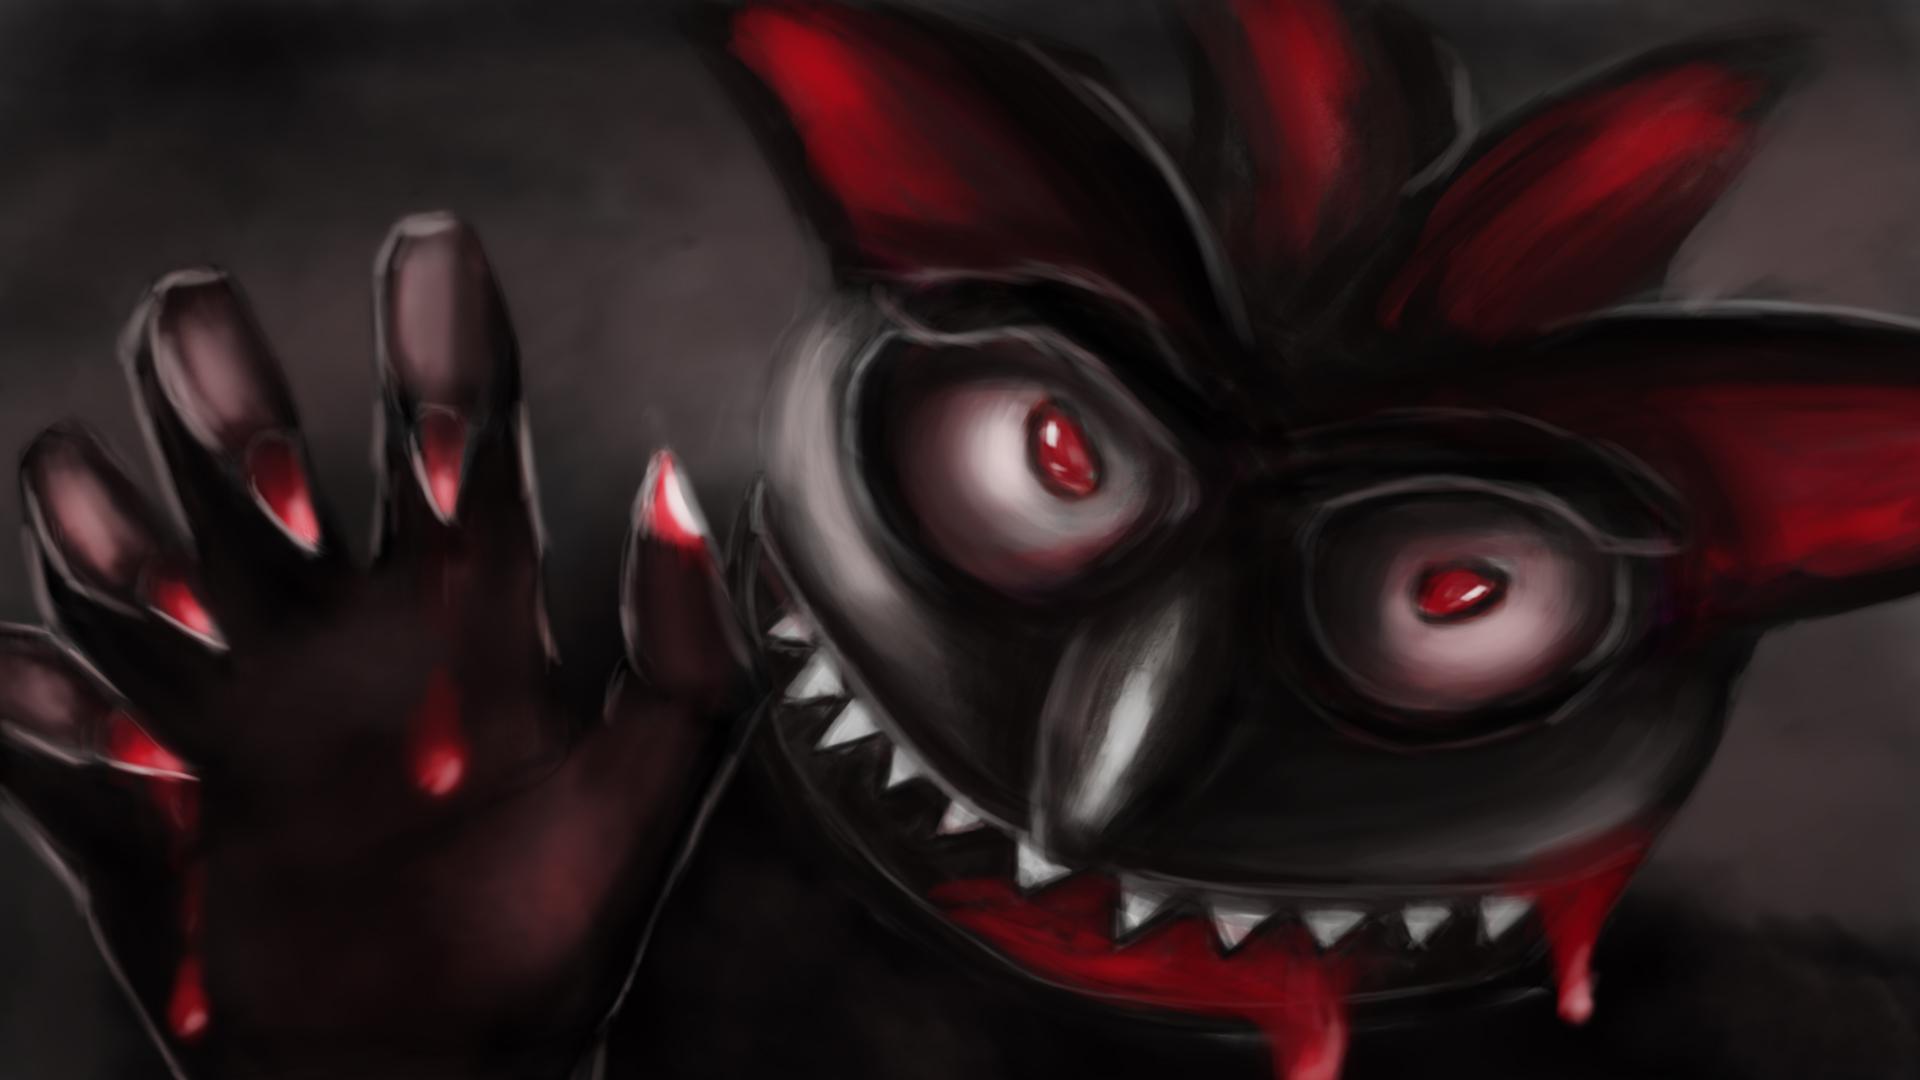 Creepy Something